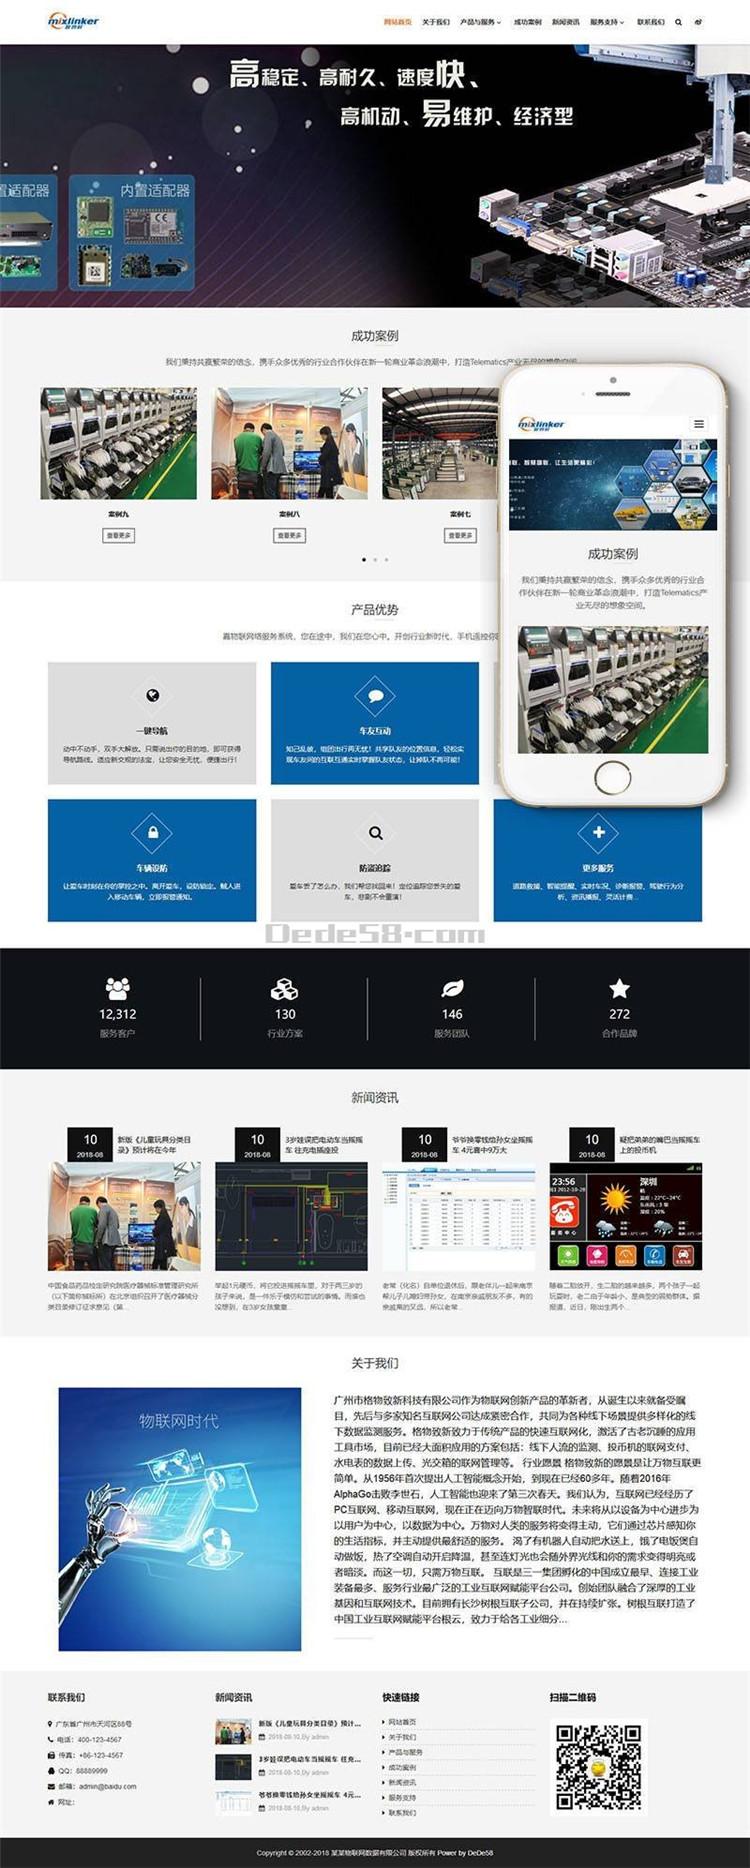 爱上源码网文章dede模板 响应式物联网基础数据类网站织梦模板(自适应手机端)整站源码的内容插图